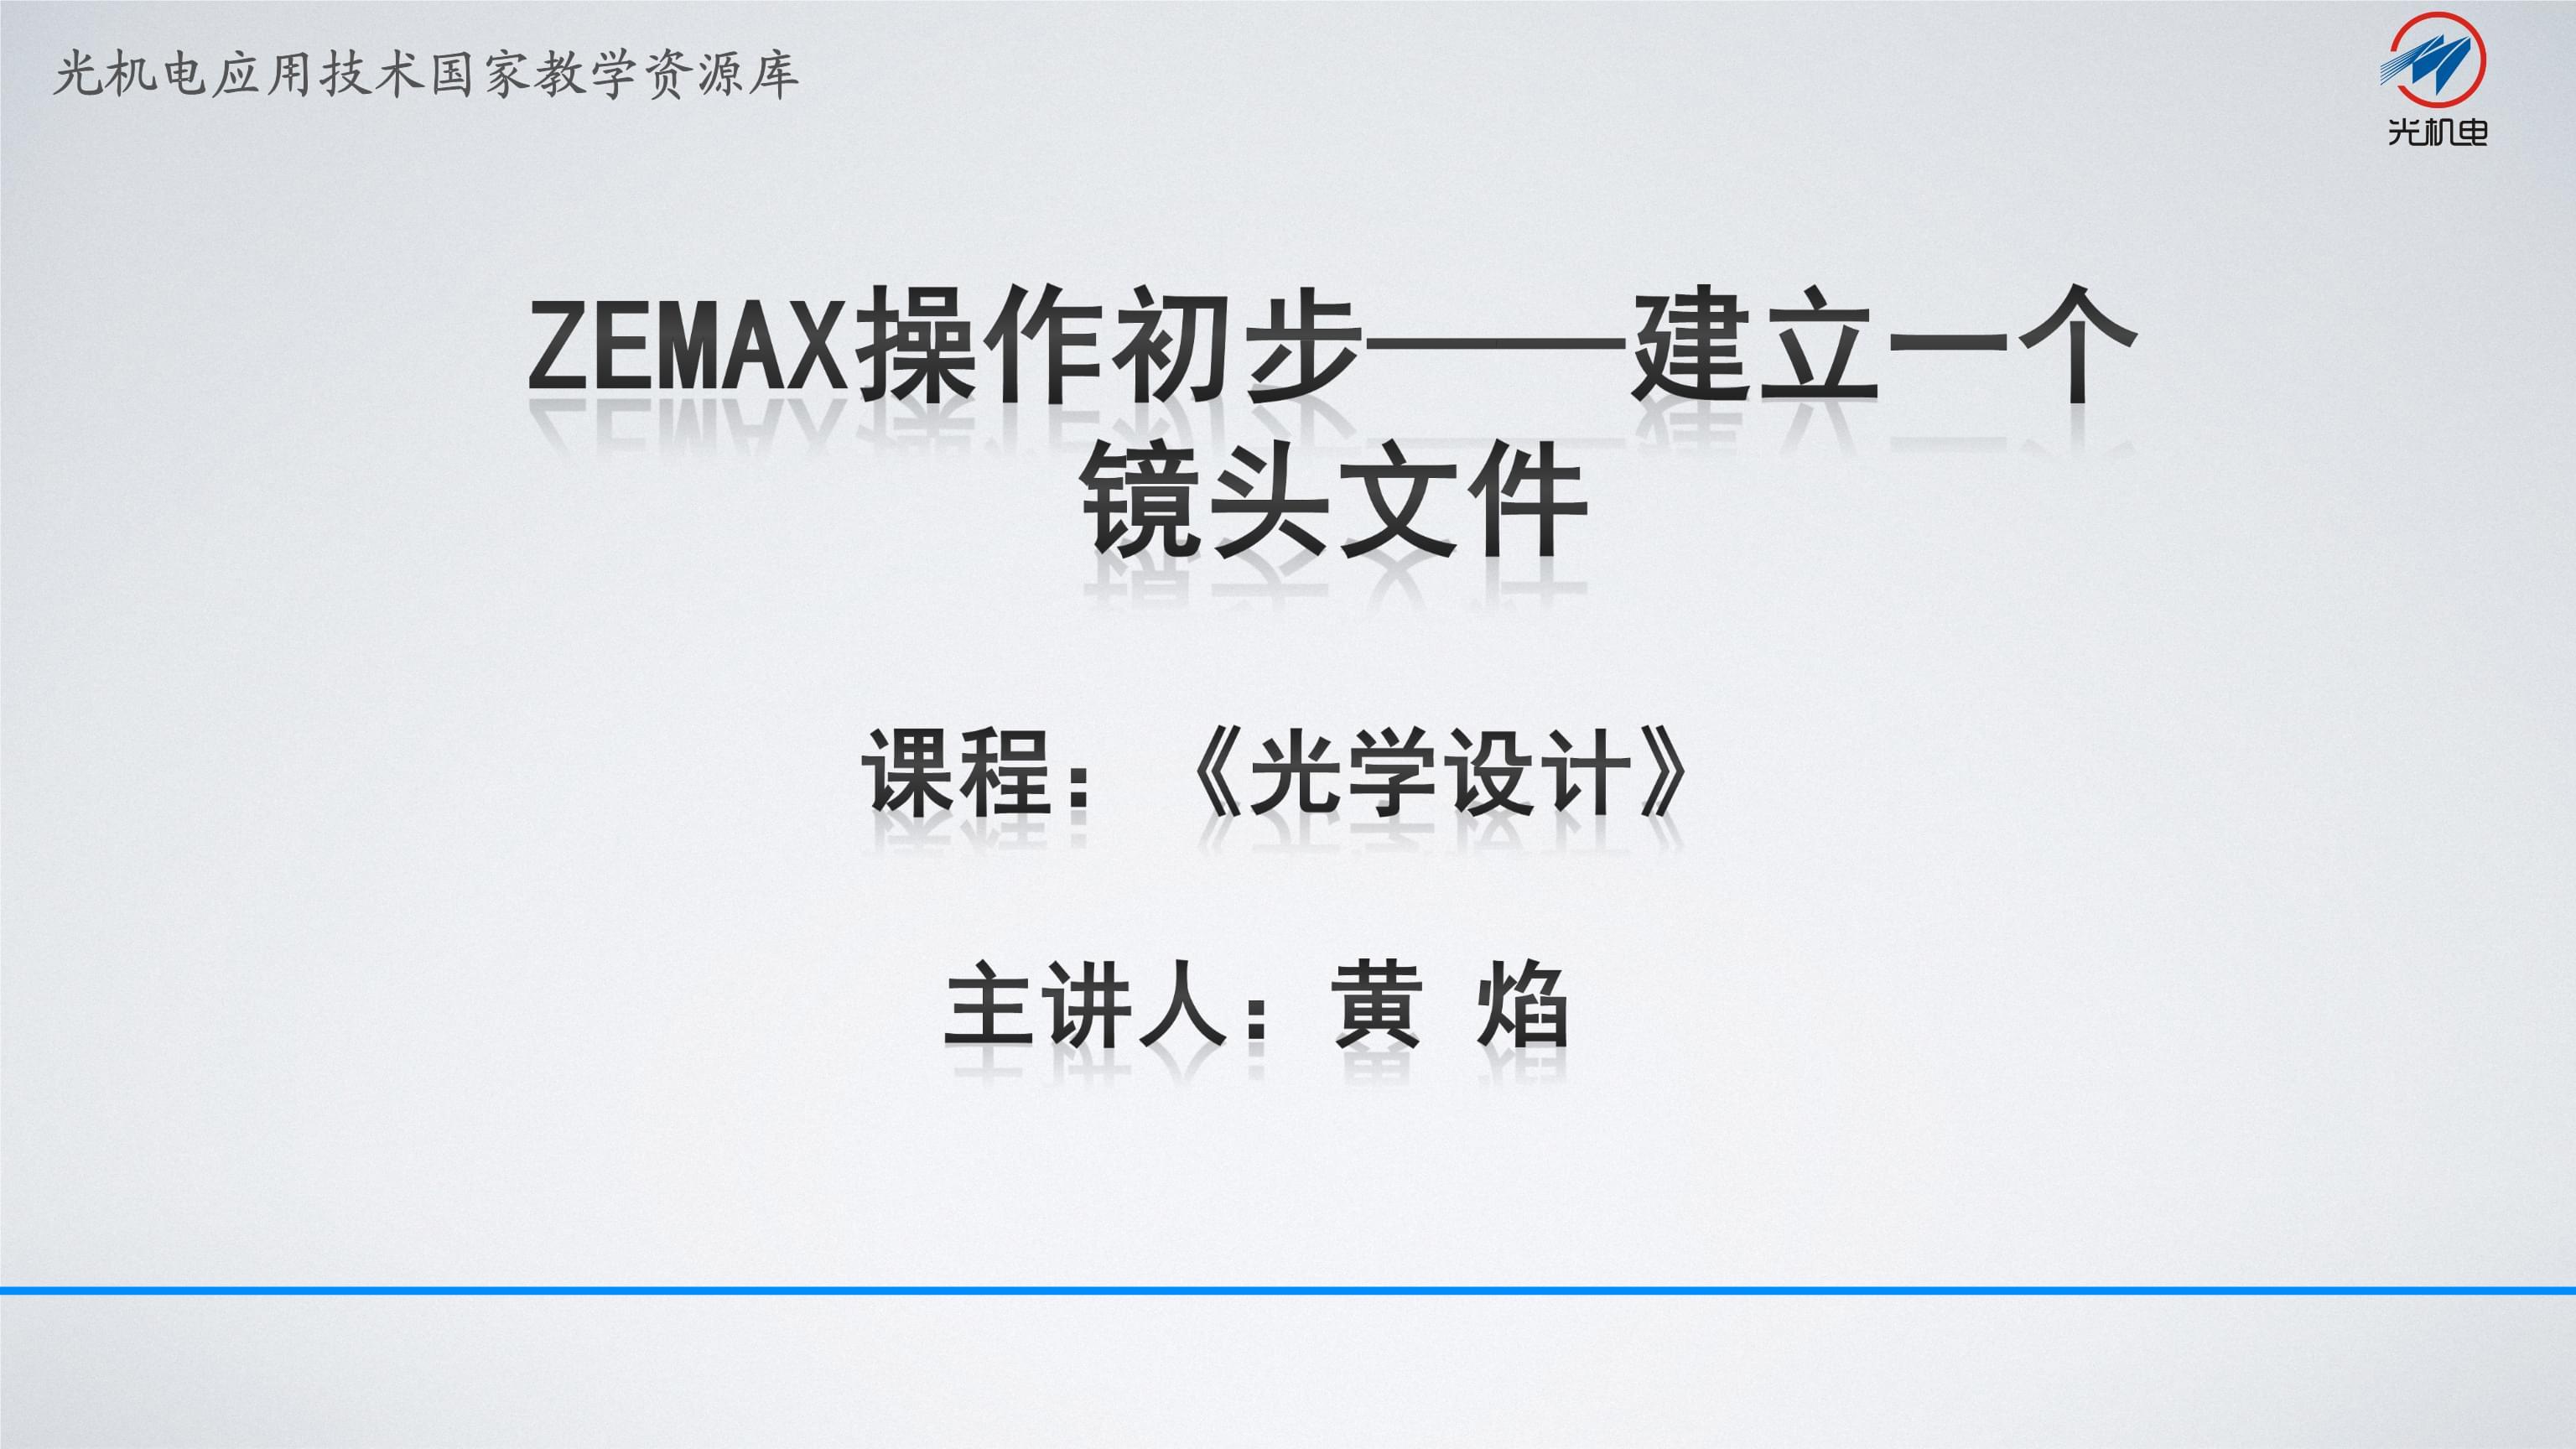 光学设计 ZEMAX操作初步-建立一个镜头文件 2.4 zemax操作初步——建立一个镜头文件.ppt